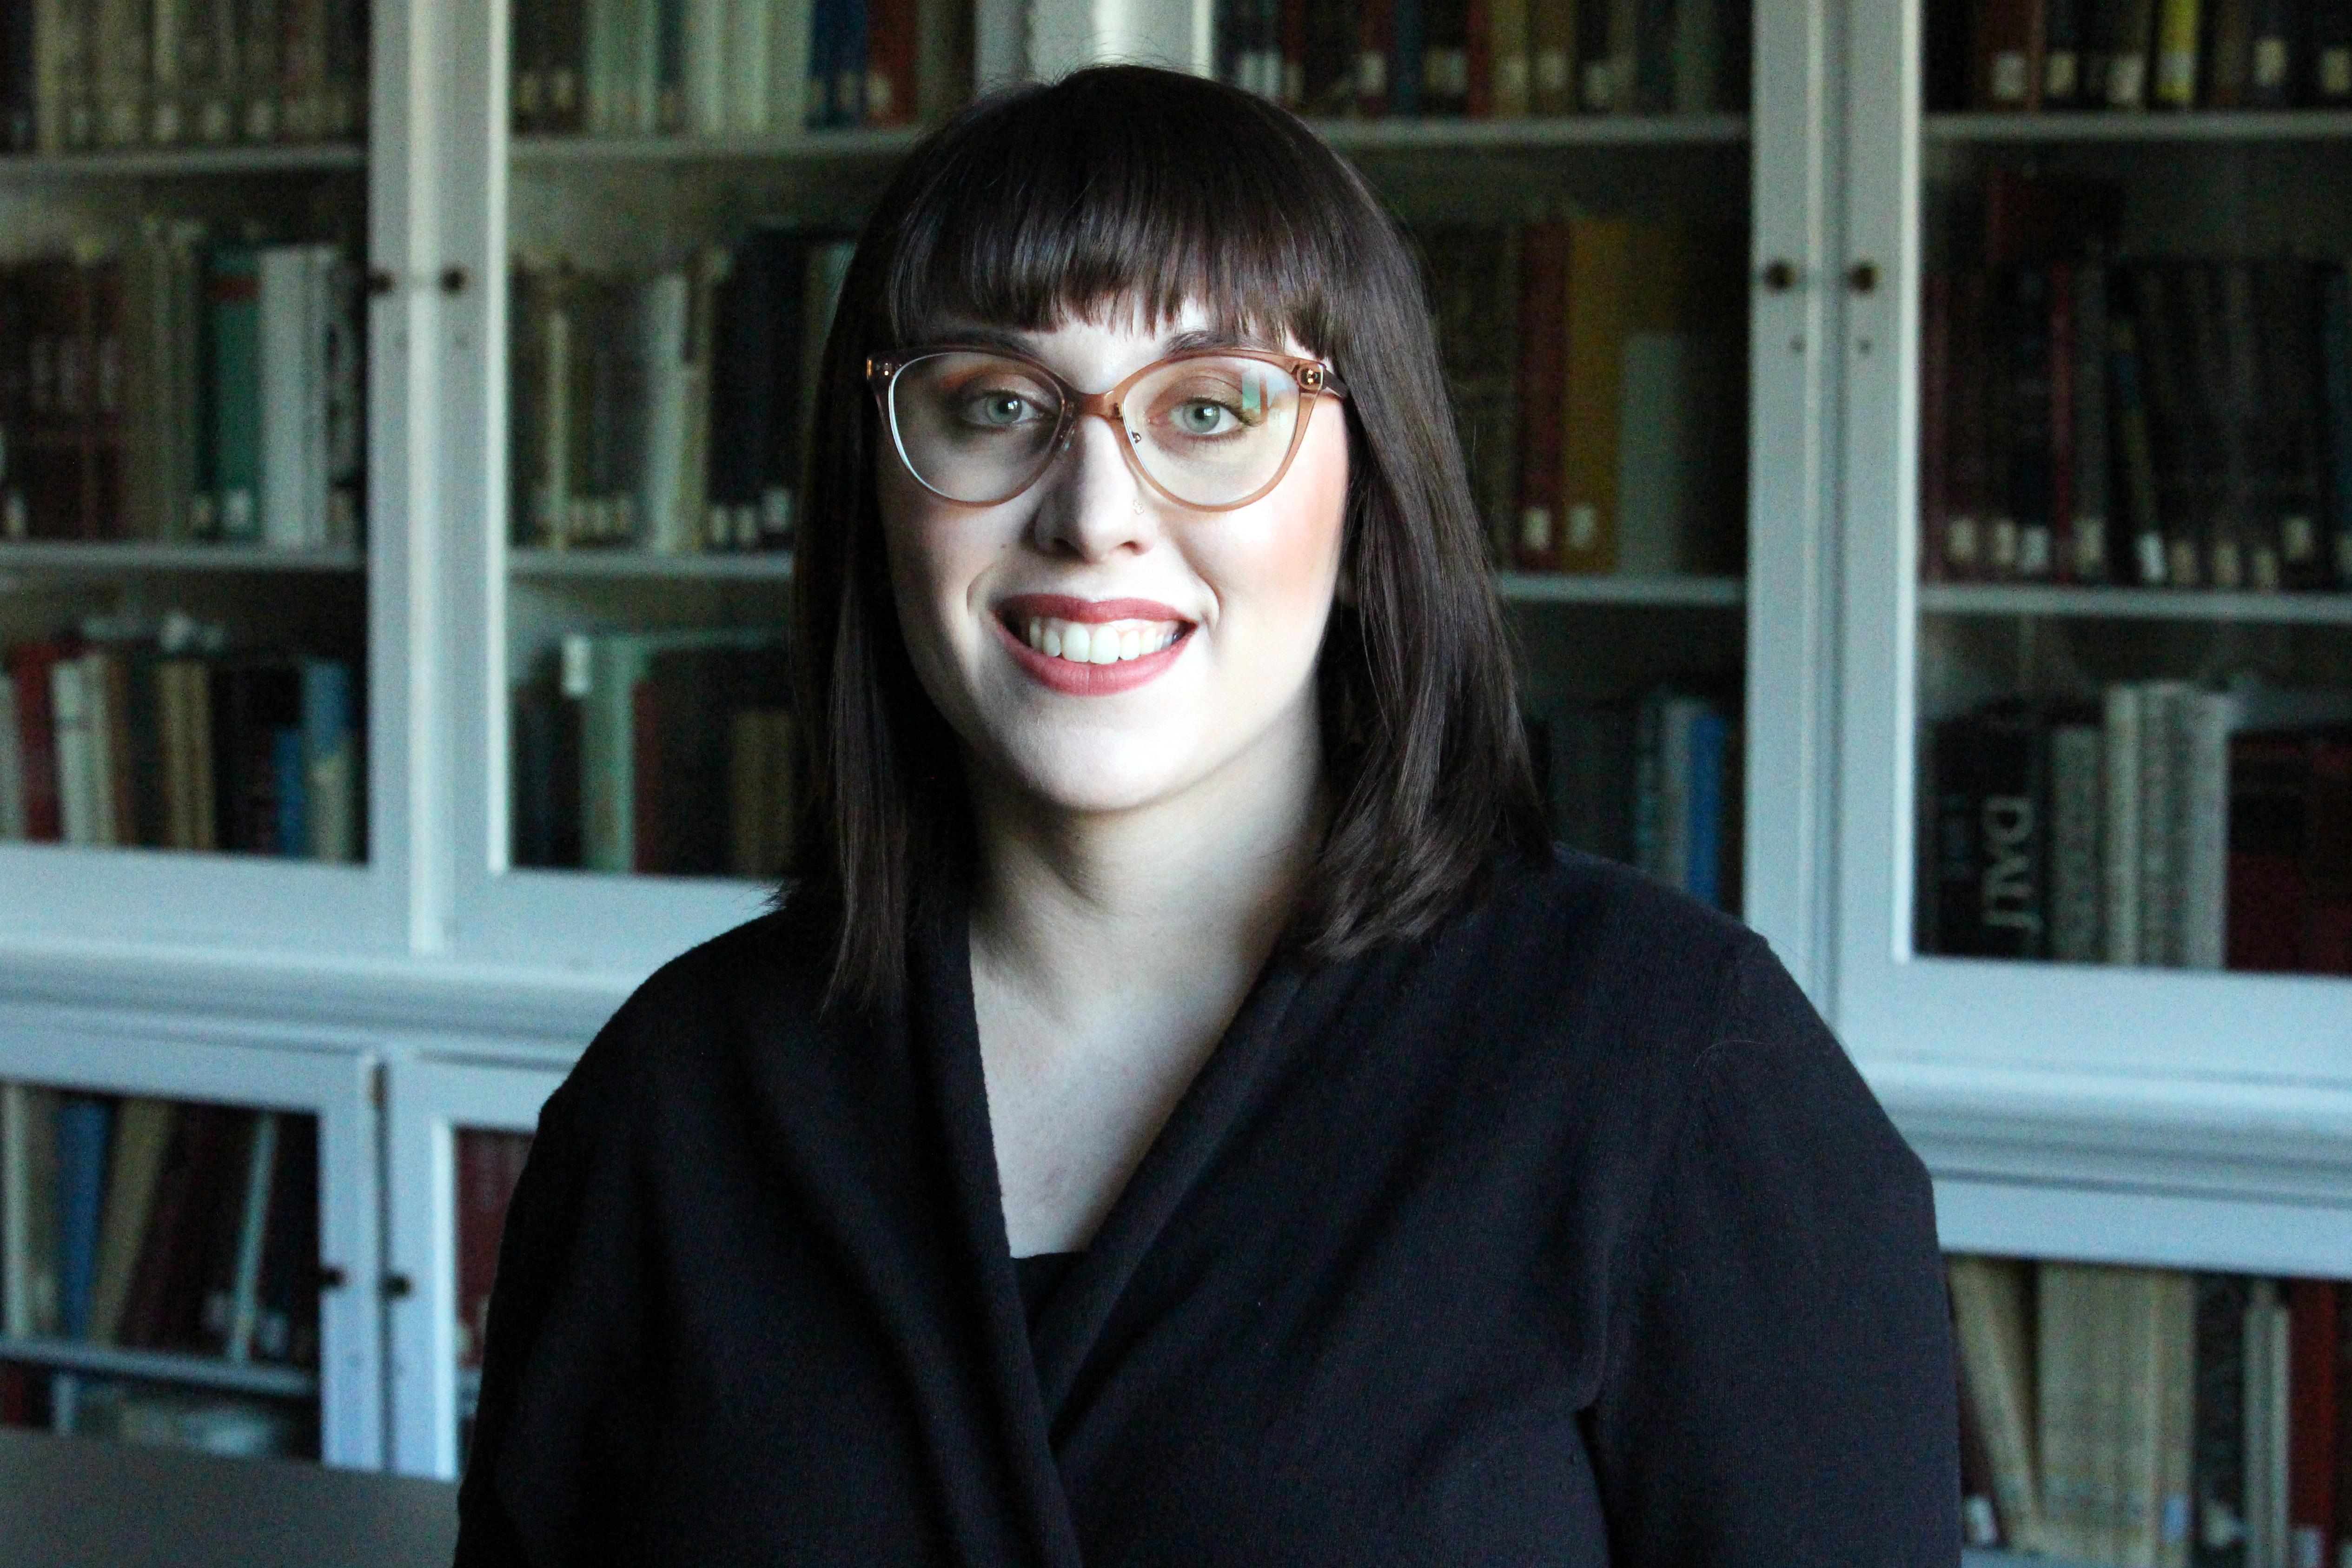 Melissa Rivosecchi – Melissa Rivosecchi